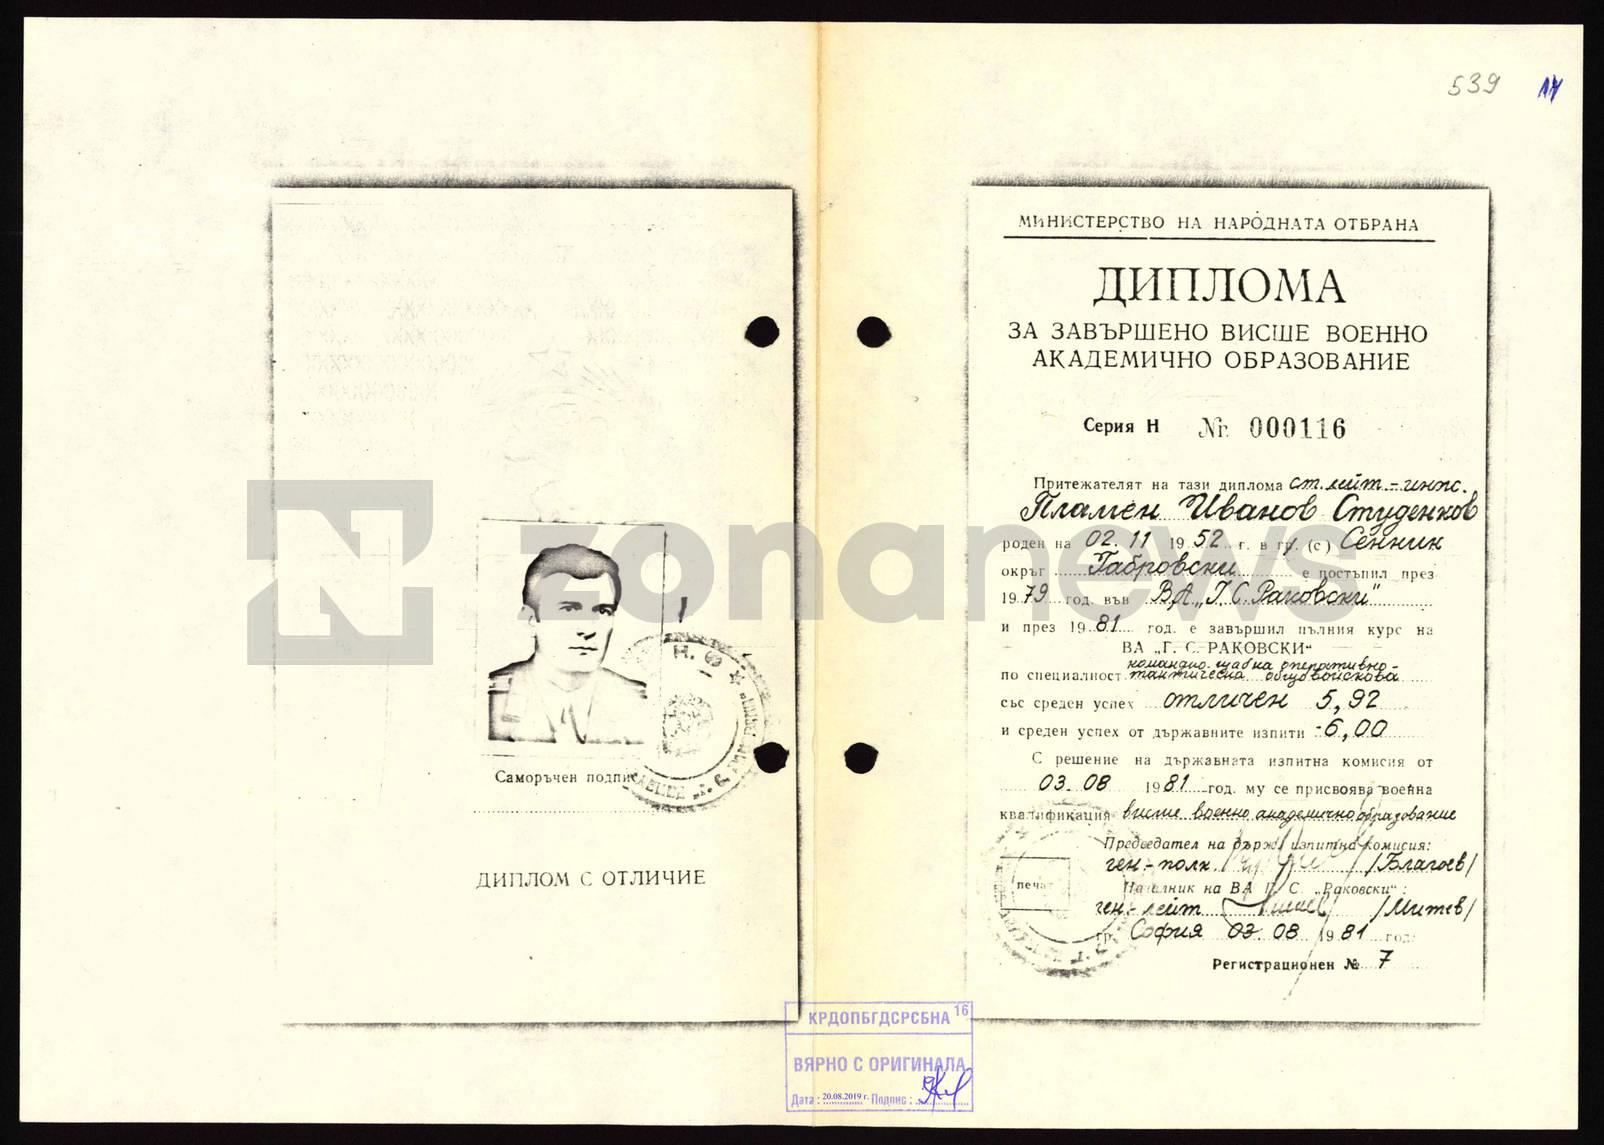 Дипломата на Пламен Студенков от ВНВУ